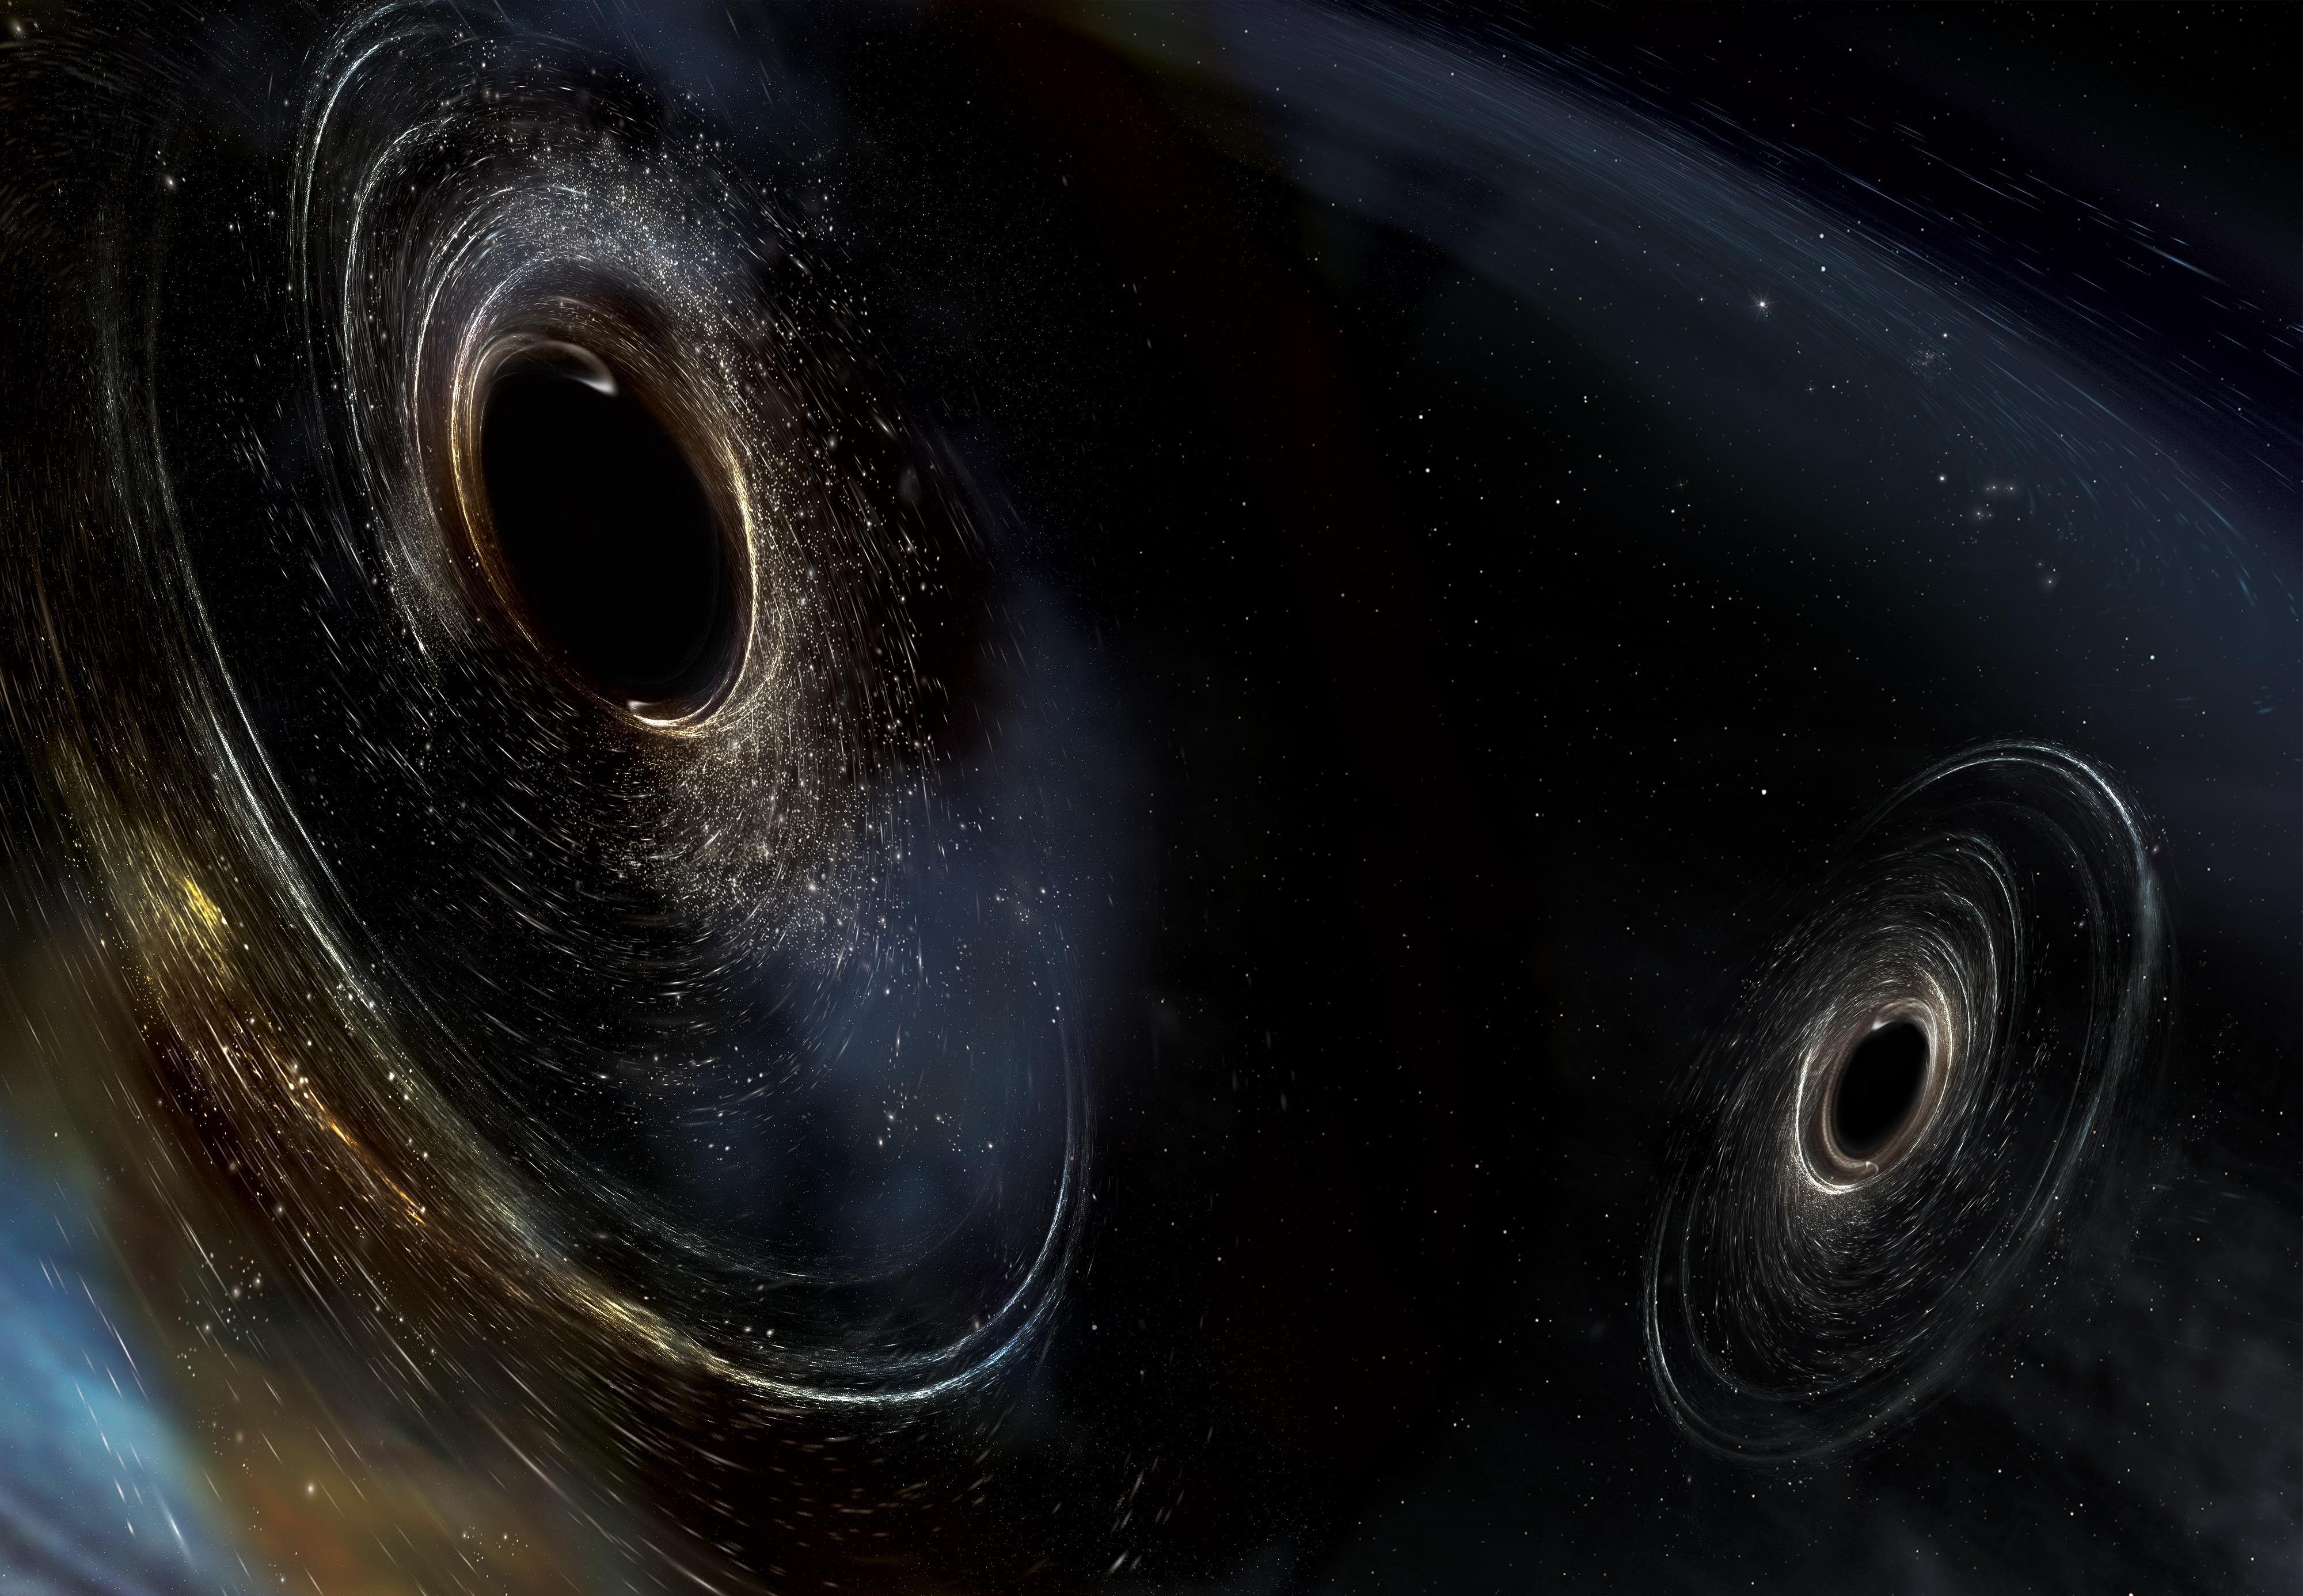 самая большая черная дыра фото девушка